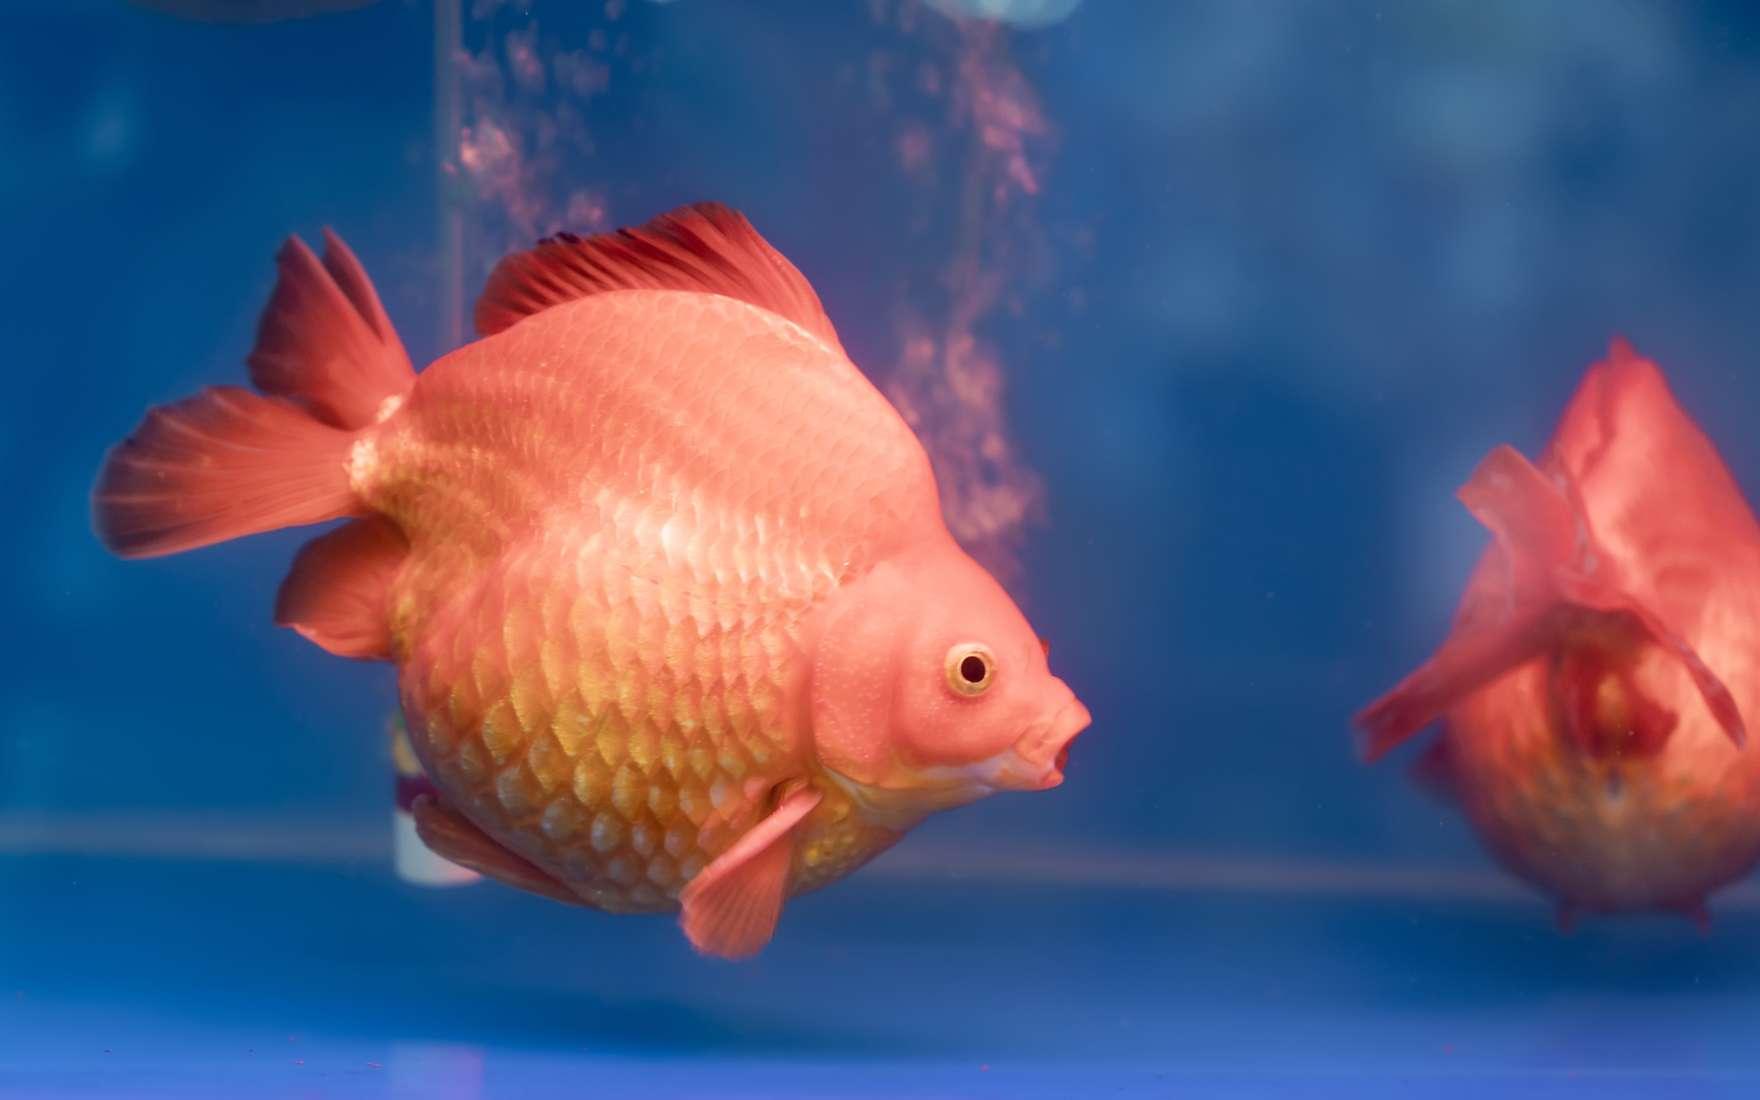 Votre poisson rouge dort-il ? Oui, mais les yeux ouverts. © huythoai, fotolia